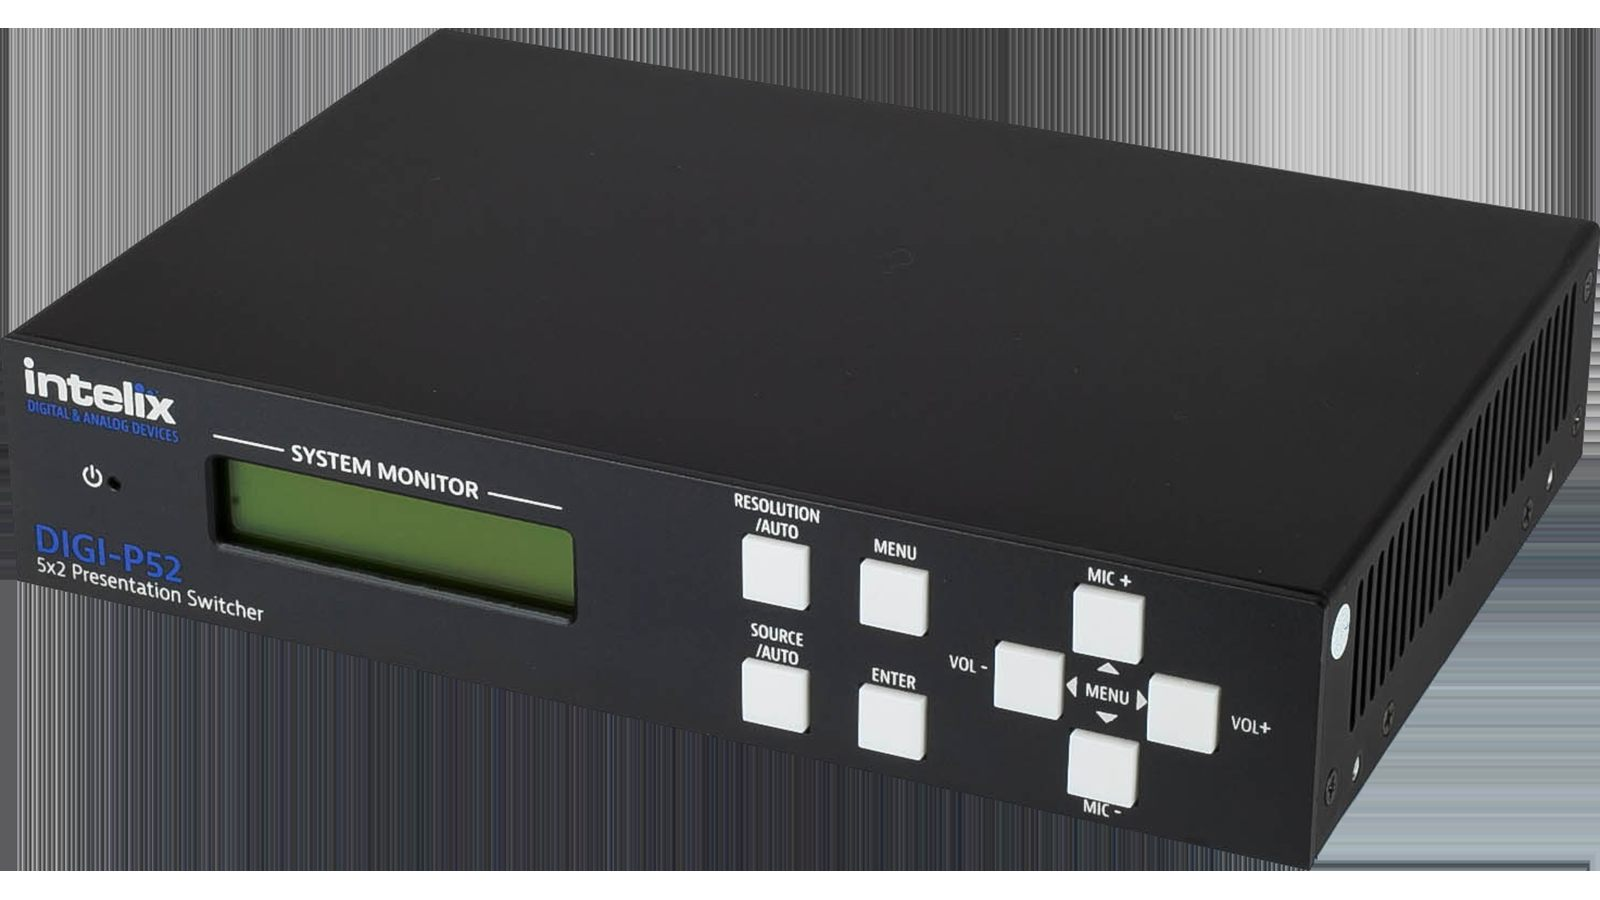 Lit Combiné Bébé Meilleur De Digi P52 Bstk Presentation Switcher 5 Input X 2 Output